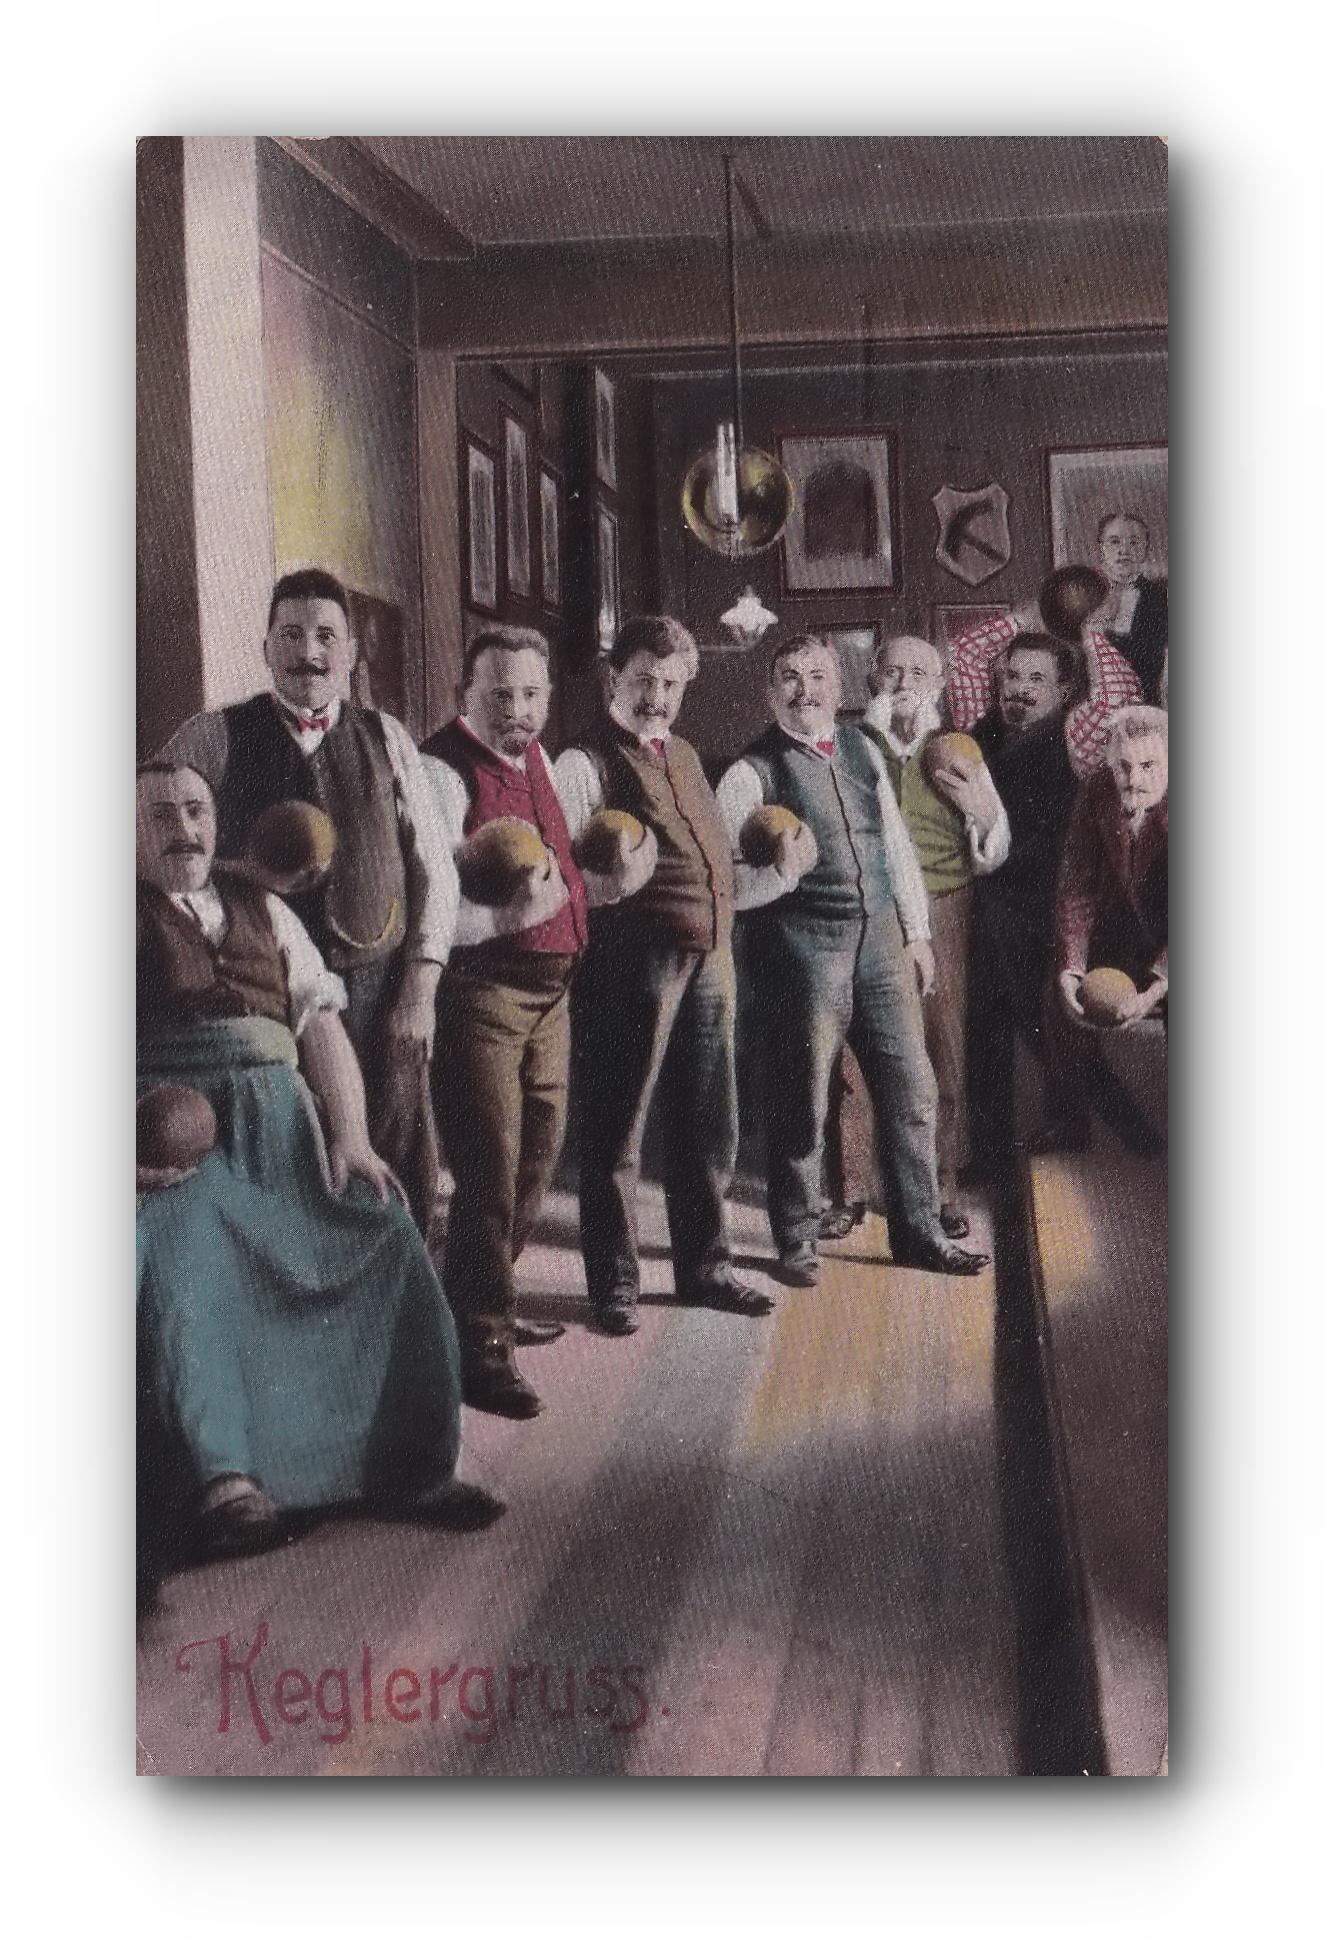 Keglergruß - 24.08.1909 - Sluatations des joueurs de quilles - Bowler's salute